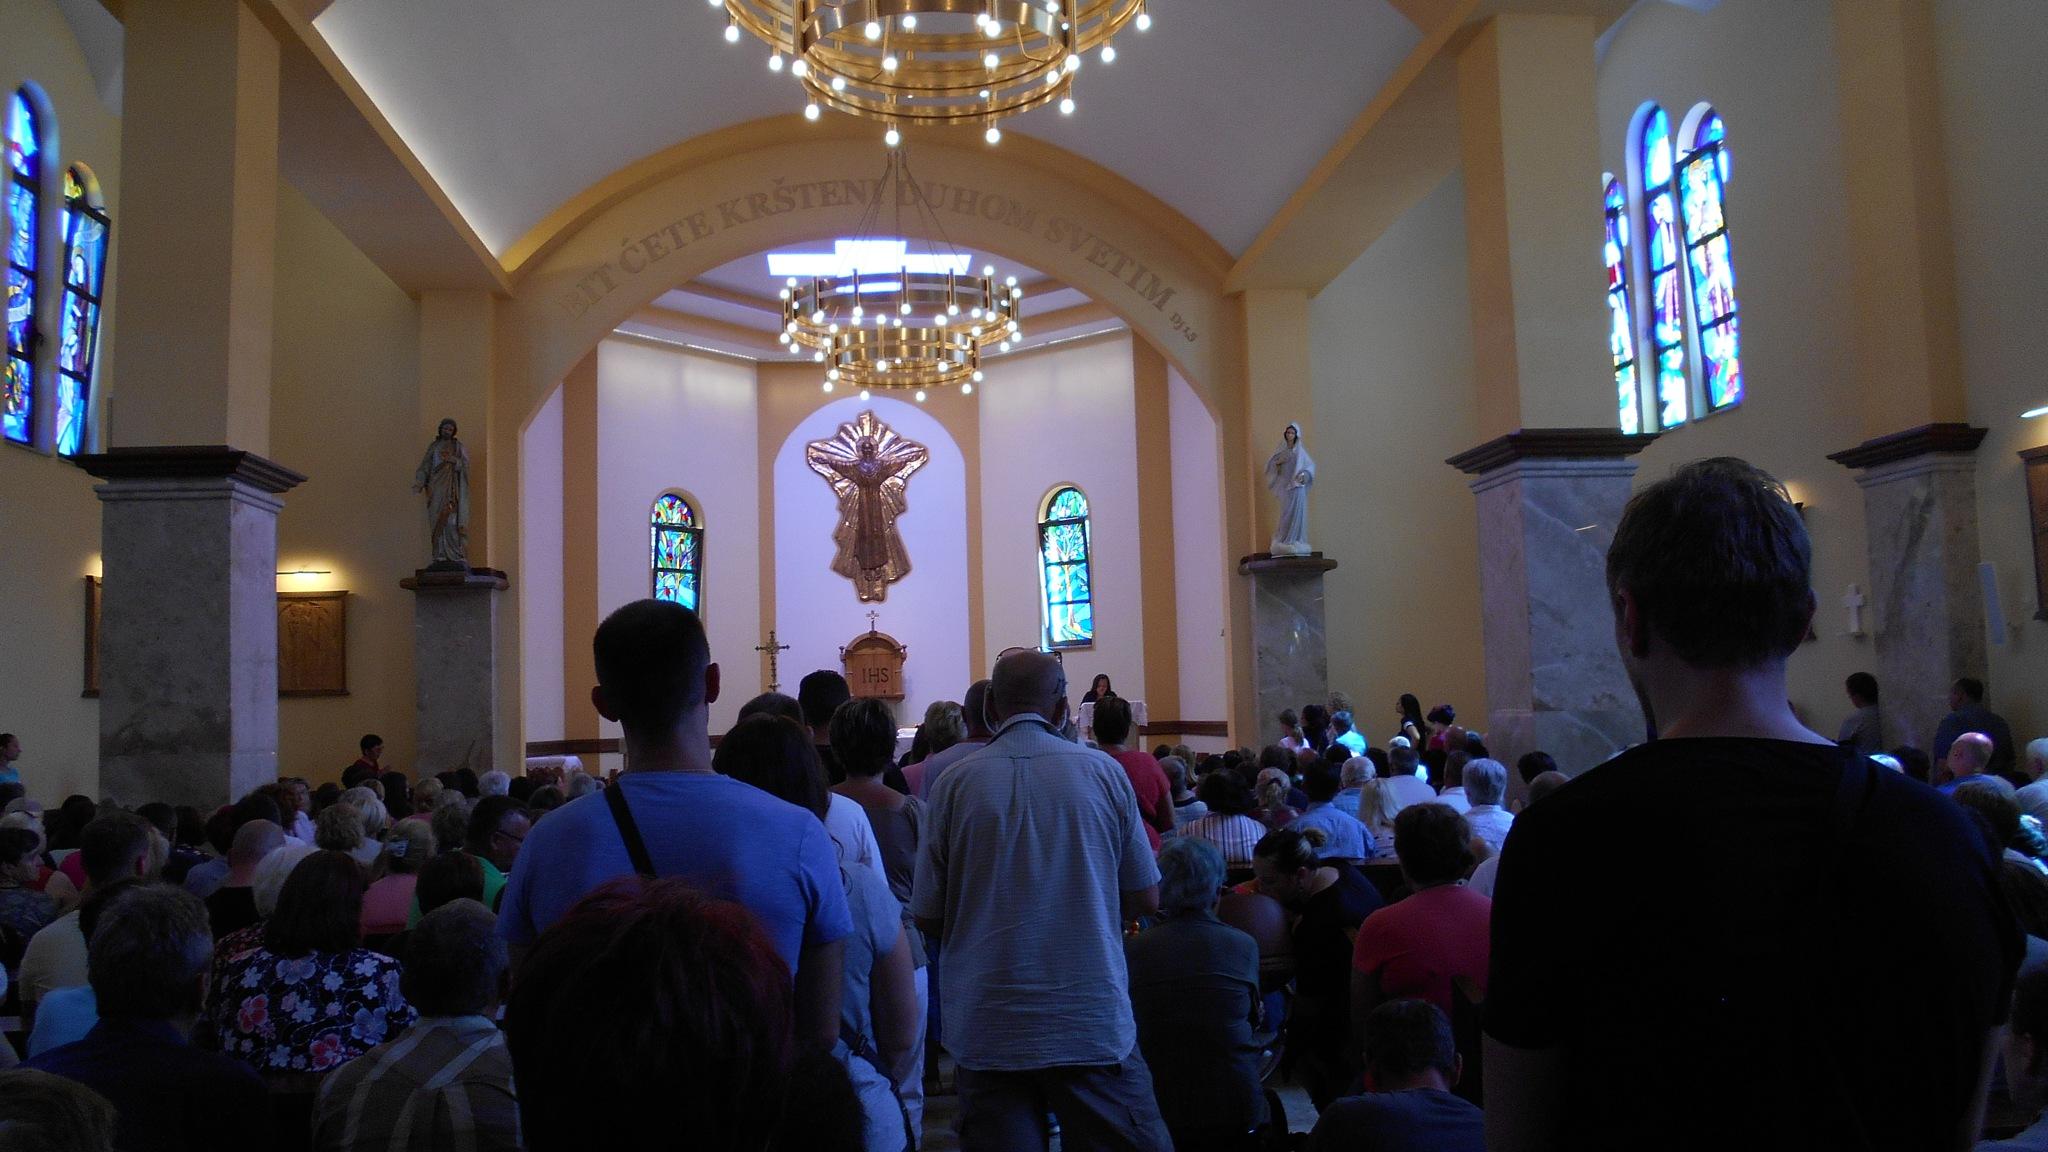 Unutrašnjost Crkve u Šurkovcu ,BIH.! by Mare